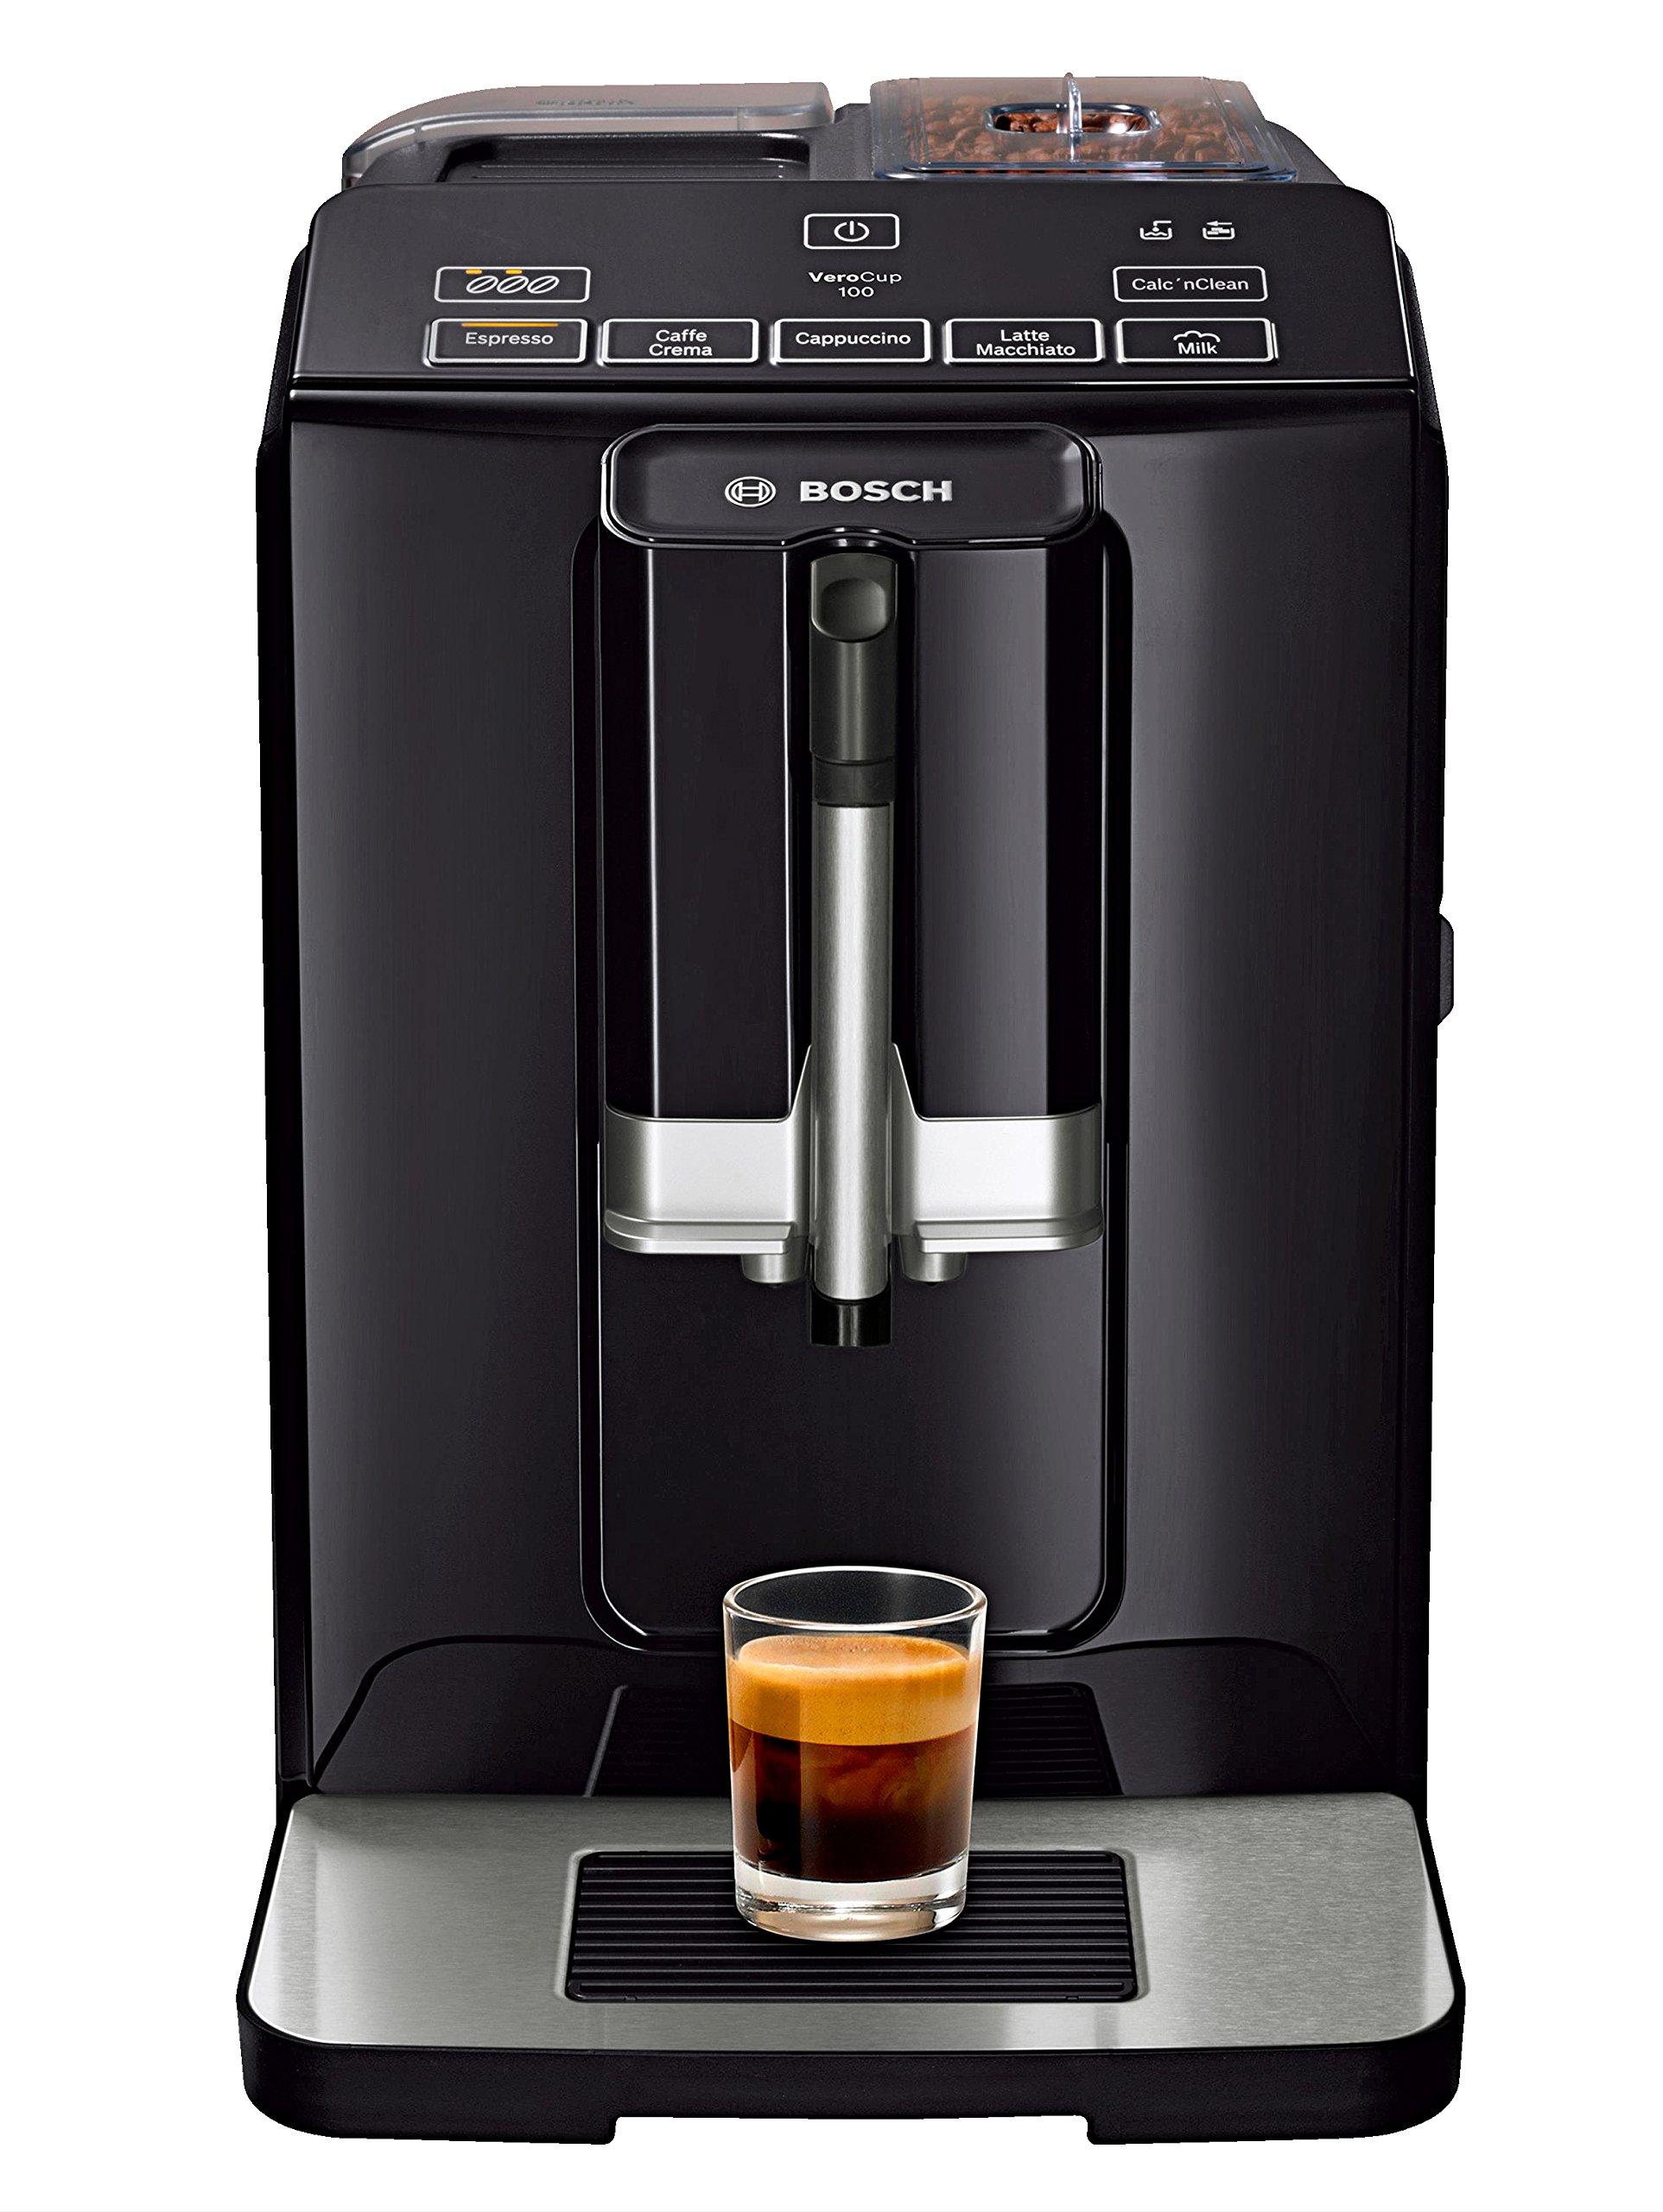 Bosch-Bosch-Kaffeevollautomat-VeroCup-100-TIS30159DE